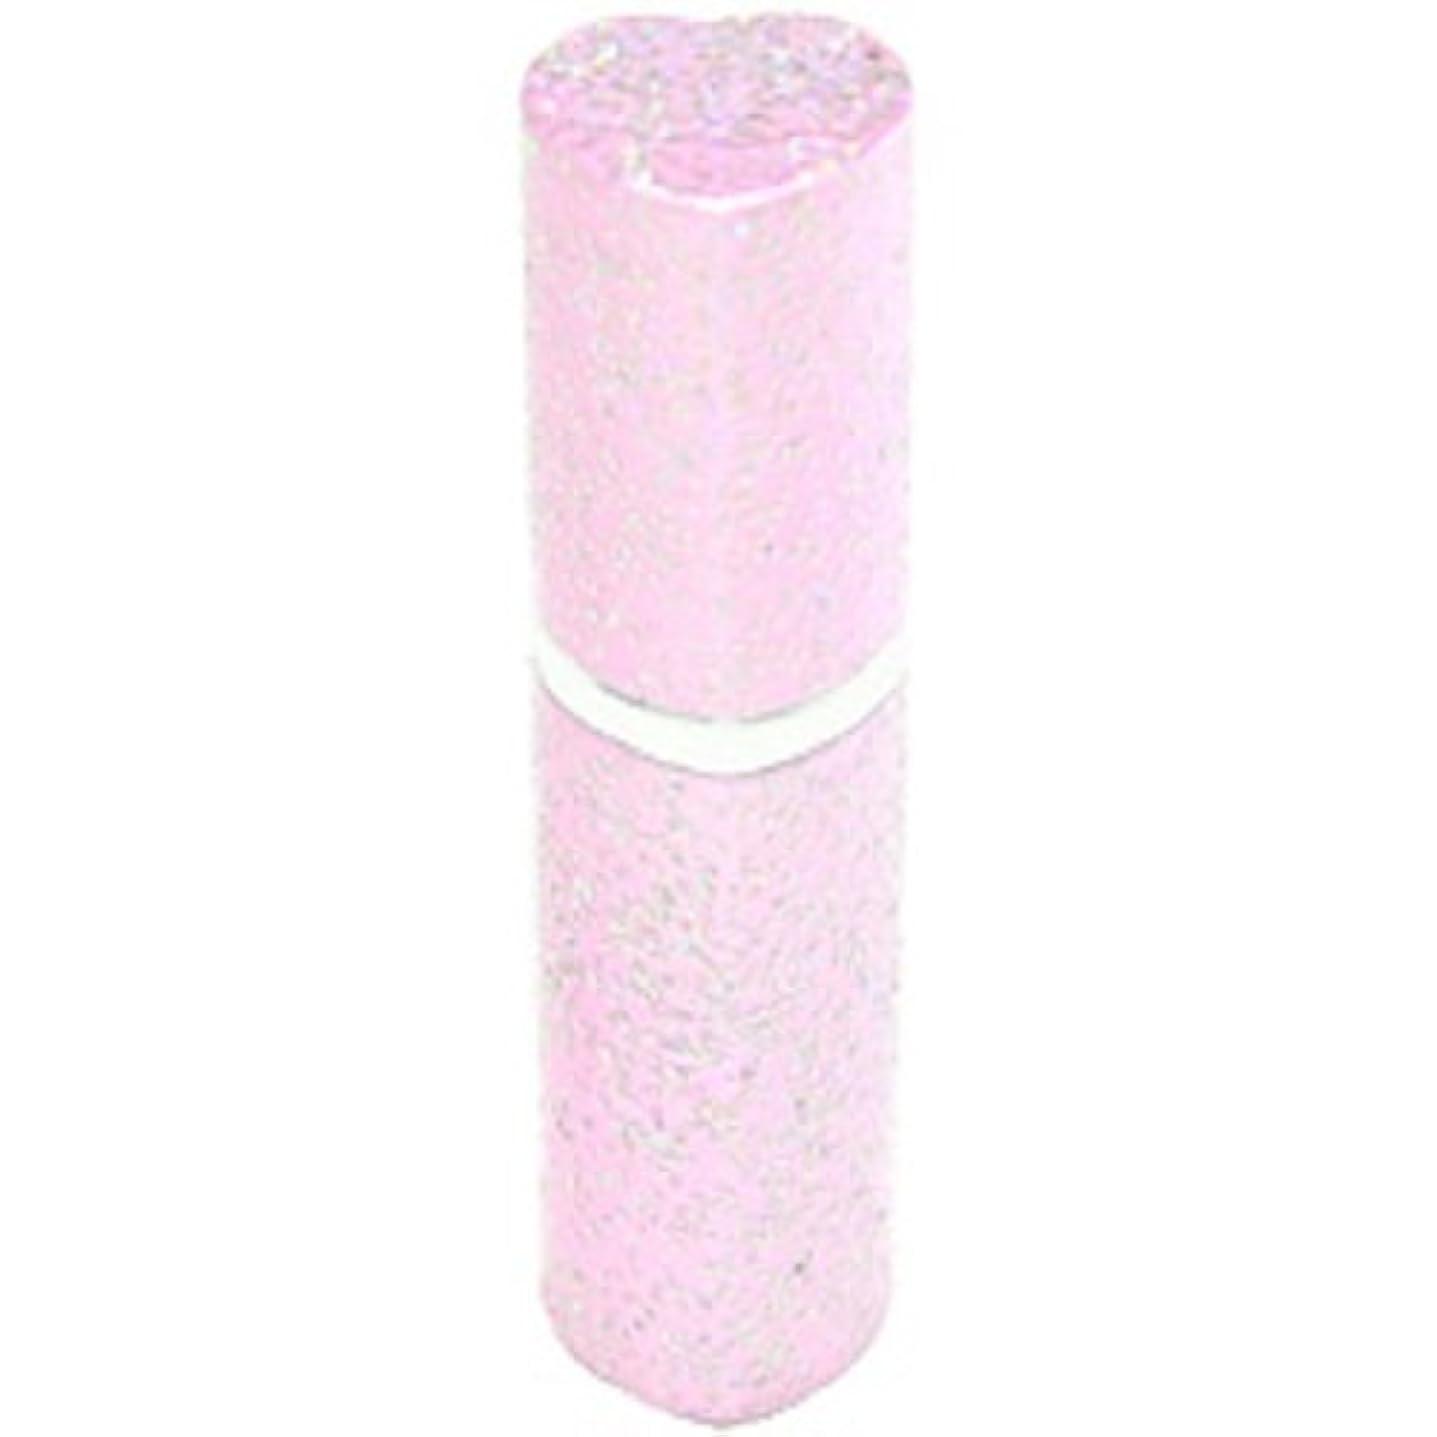 アトマイザー ラメハート ピンク 3ml 香水入れ